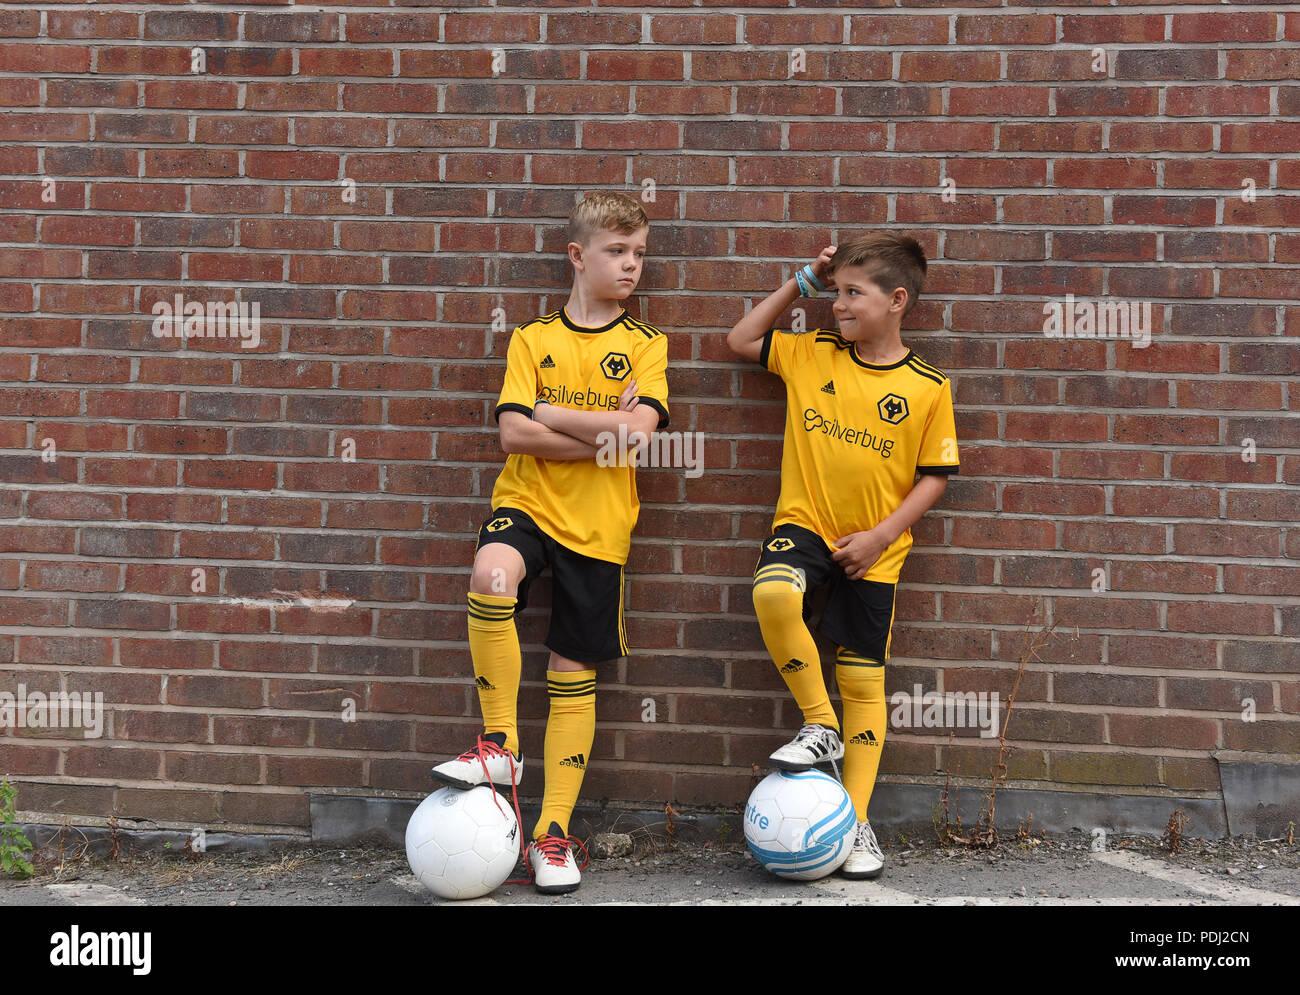 Los niños vestidos de Wolverhampton Wanderers FC réplica kits de fútbol  2018 Imagen De Stock 7791da2e0ff98